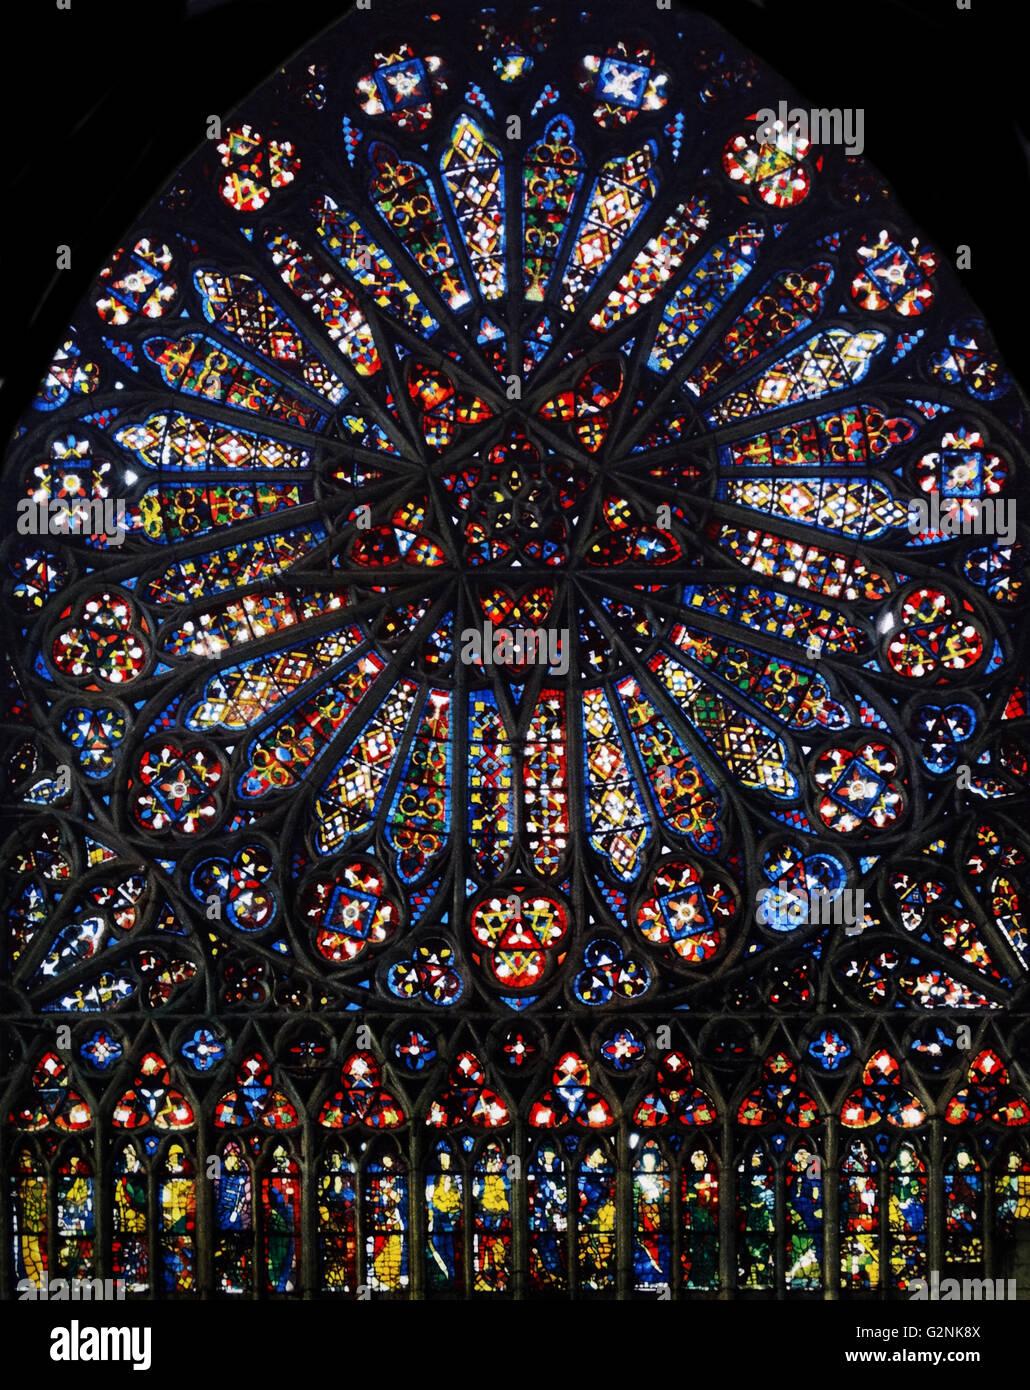 Vitraux Fenêtre Rose De La Cathédrale Damiens France 14e Siècle